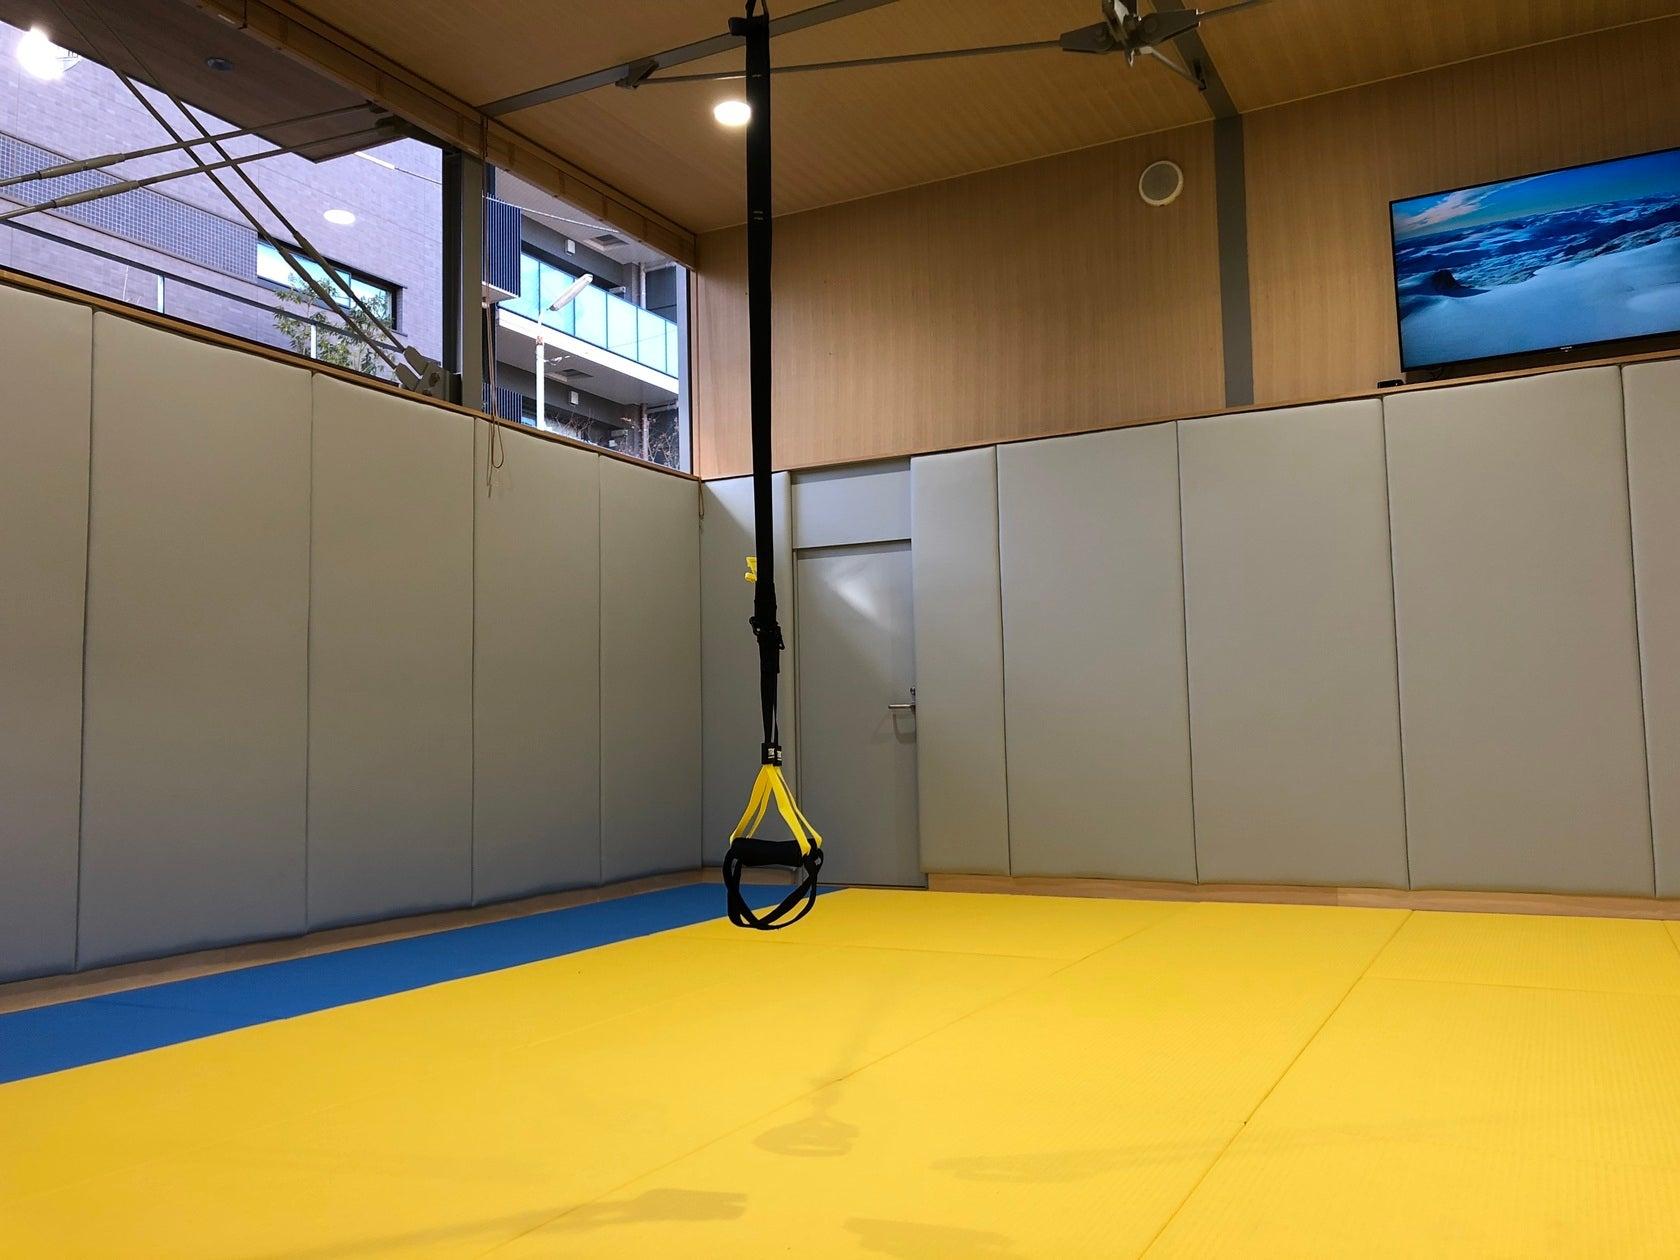 【世田谷区・尾山台】駅徒歩5分、広々32畳の柔道場。格闘技、トレーニング、ヨガ、ピラティス、様々な用途にどうぞ。 の写真